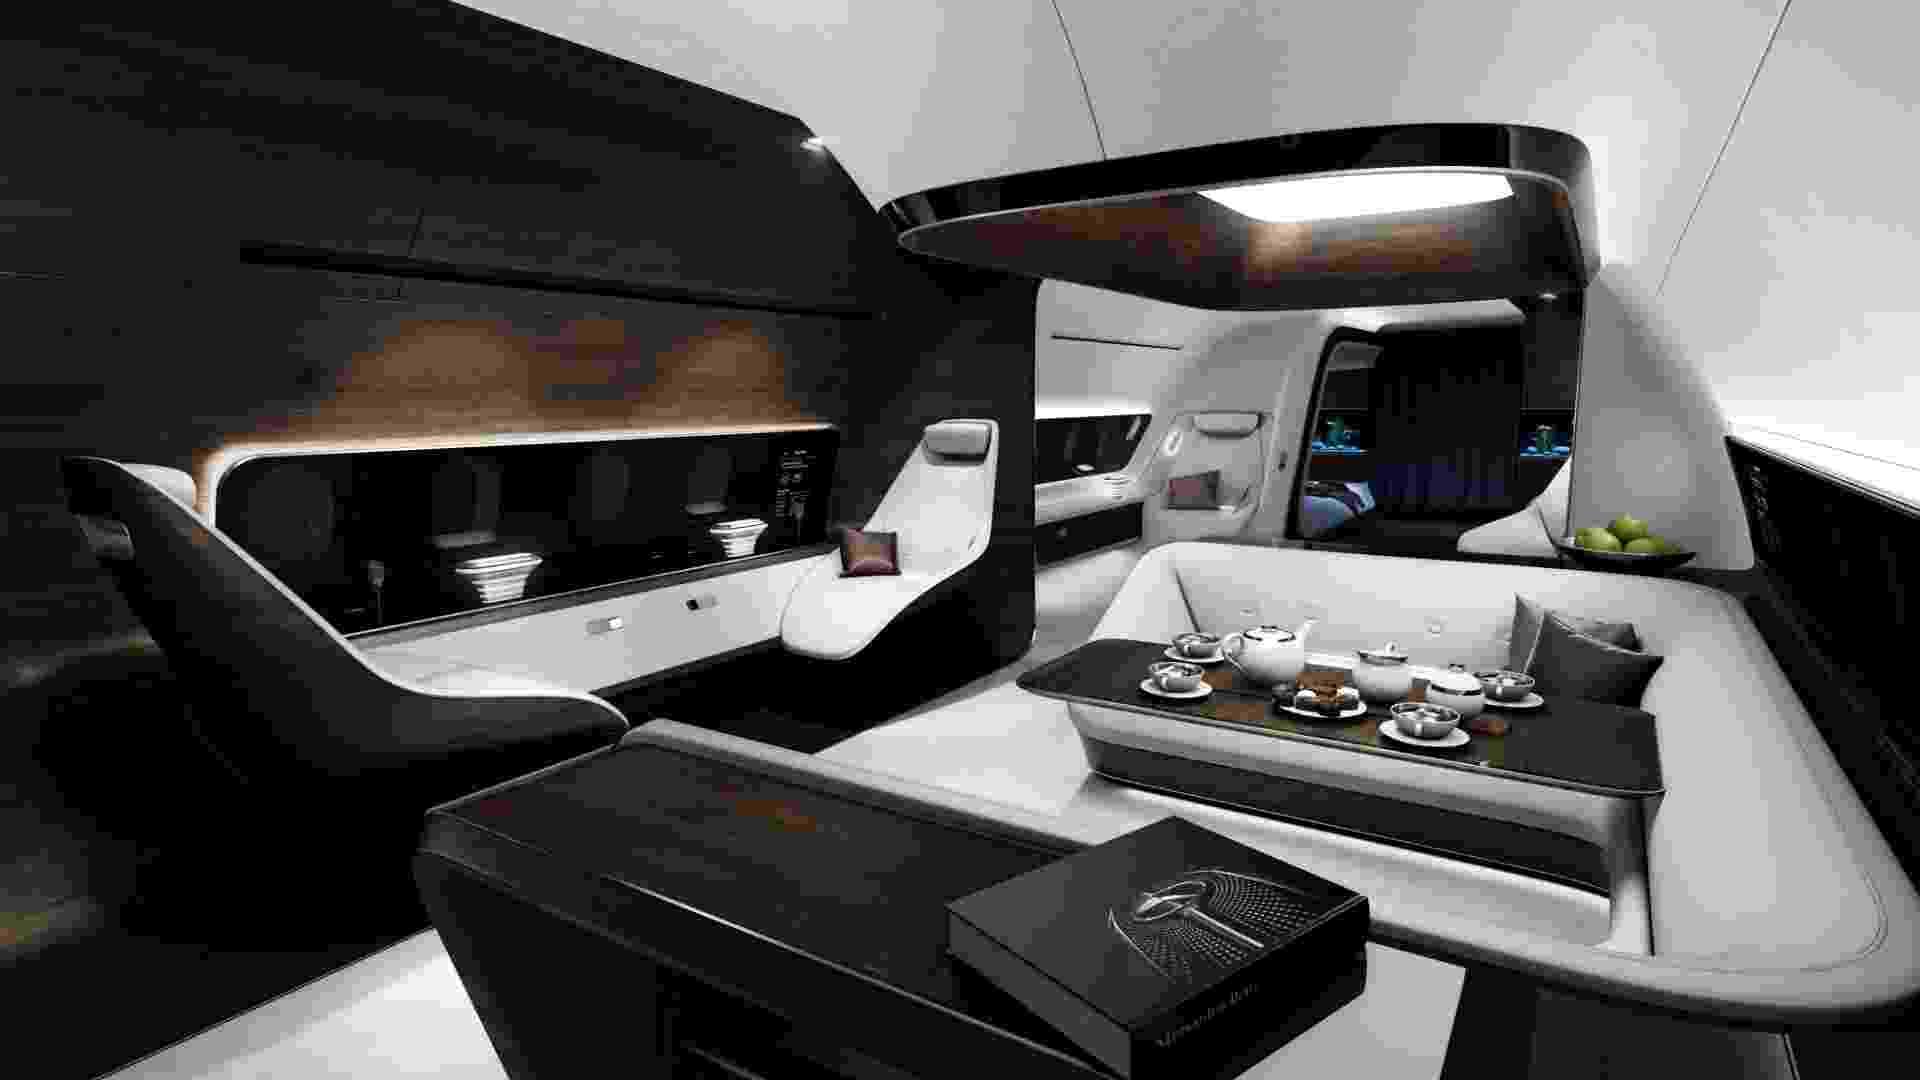 Avião de luxo da Mercedes-Benz em parceria com a Lufthansa - Daimler/Mercedes Benz